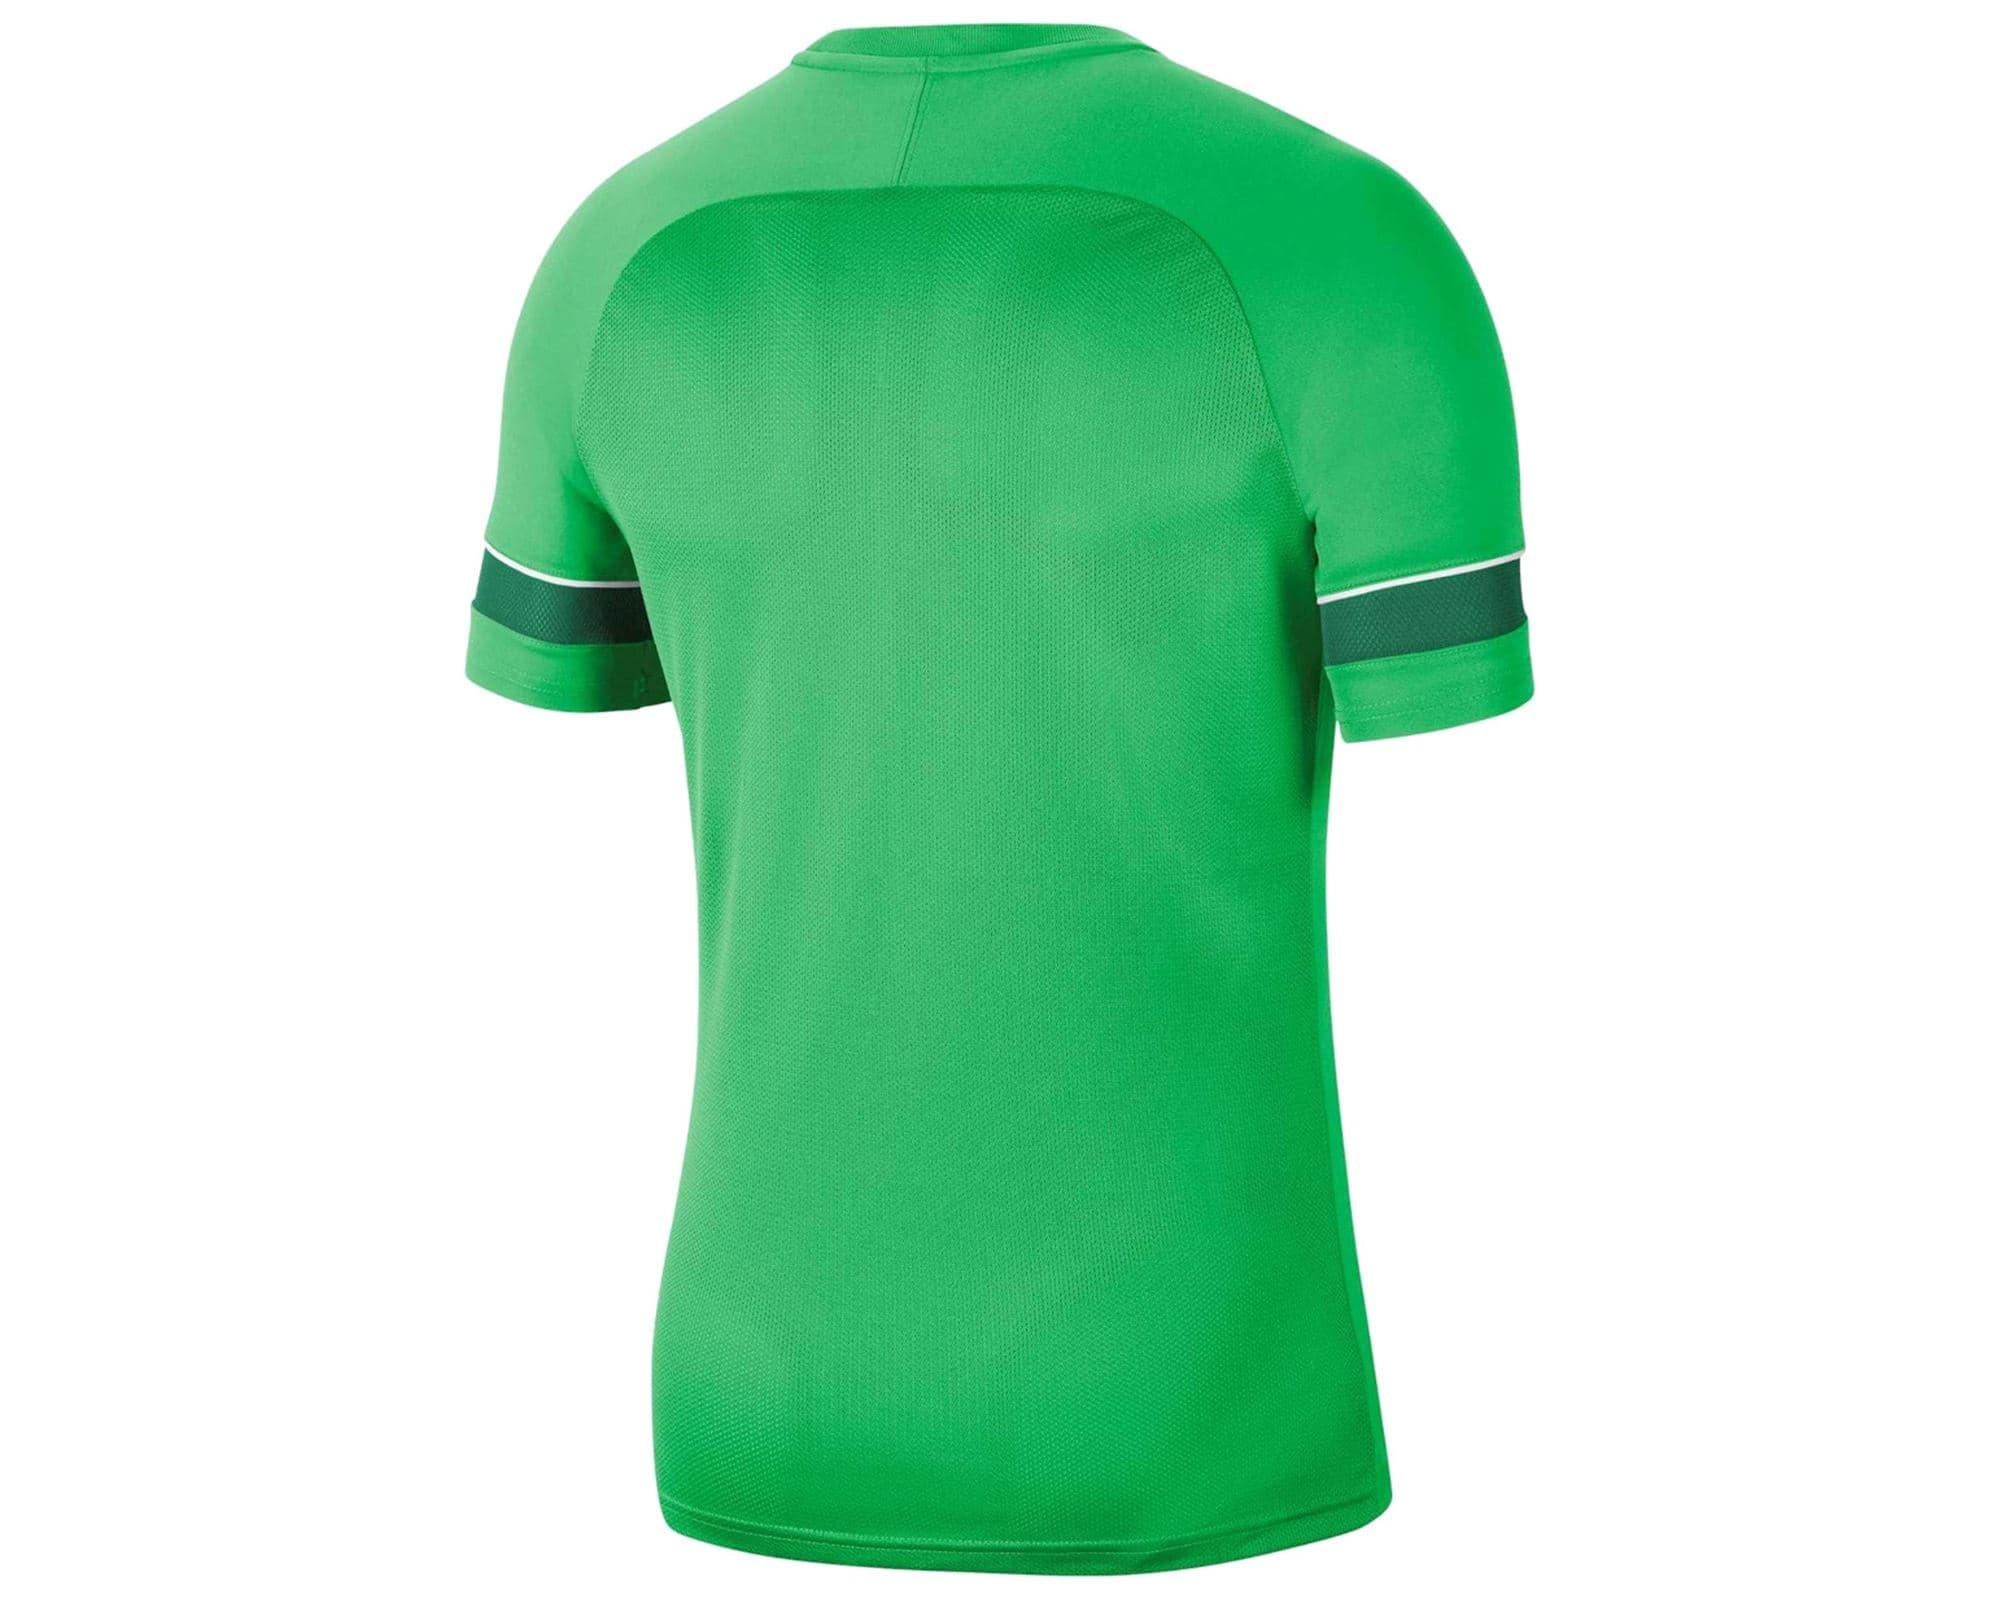 Academy 21 Erkek Yeşil Futbol Tişört (CW6101-362)